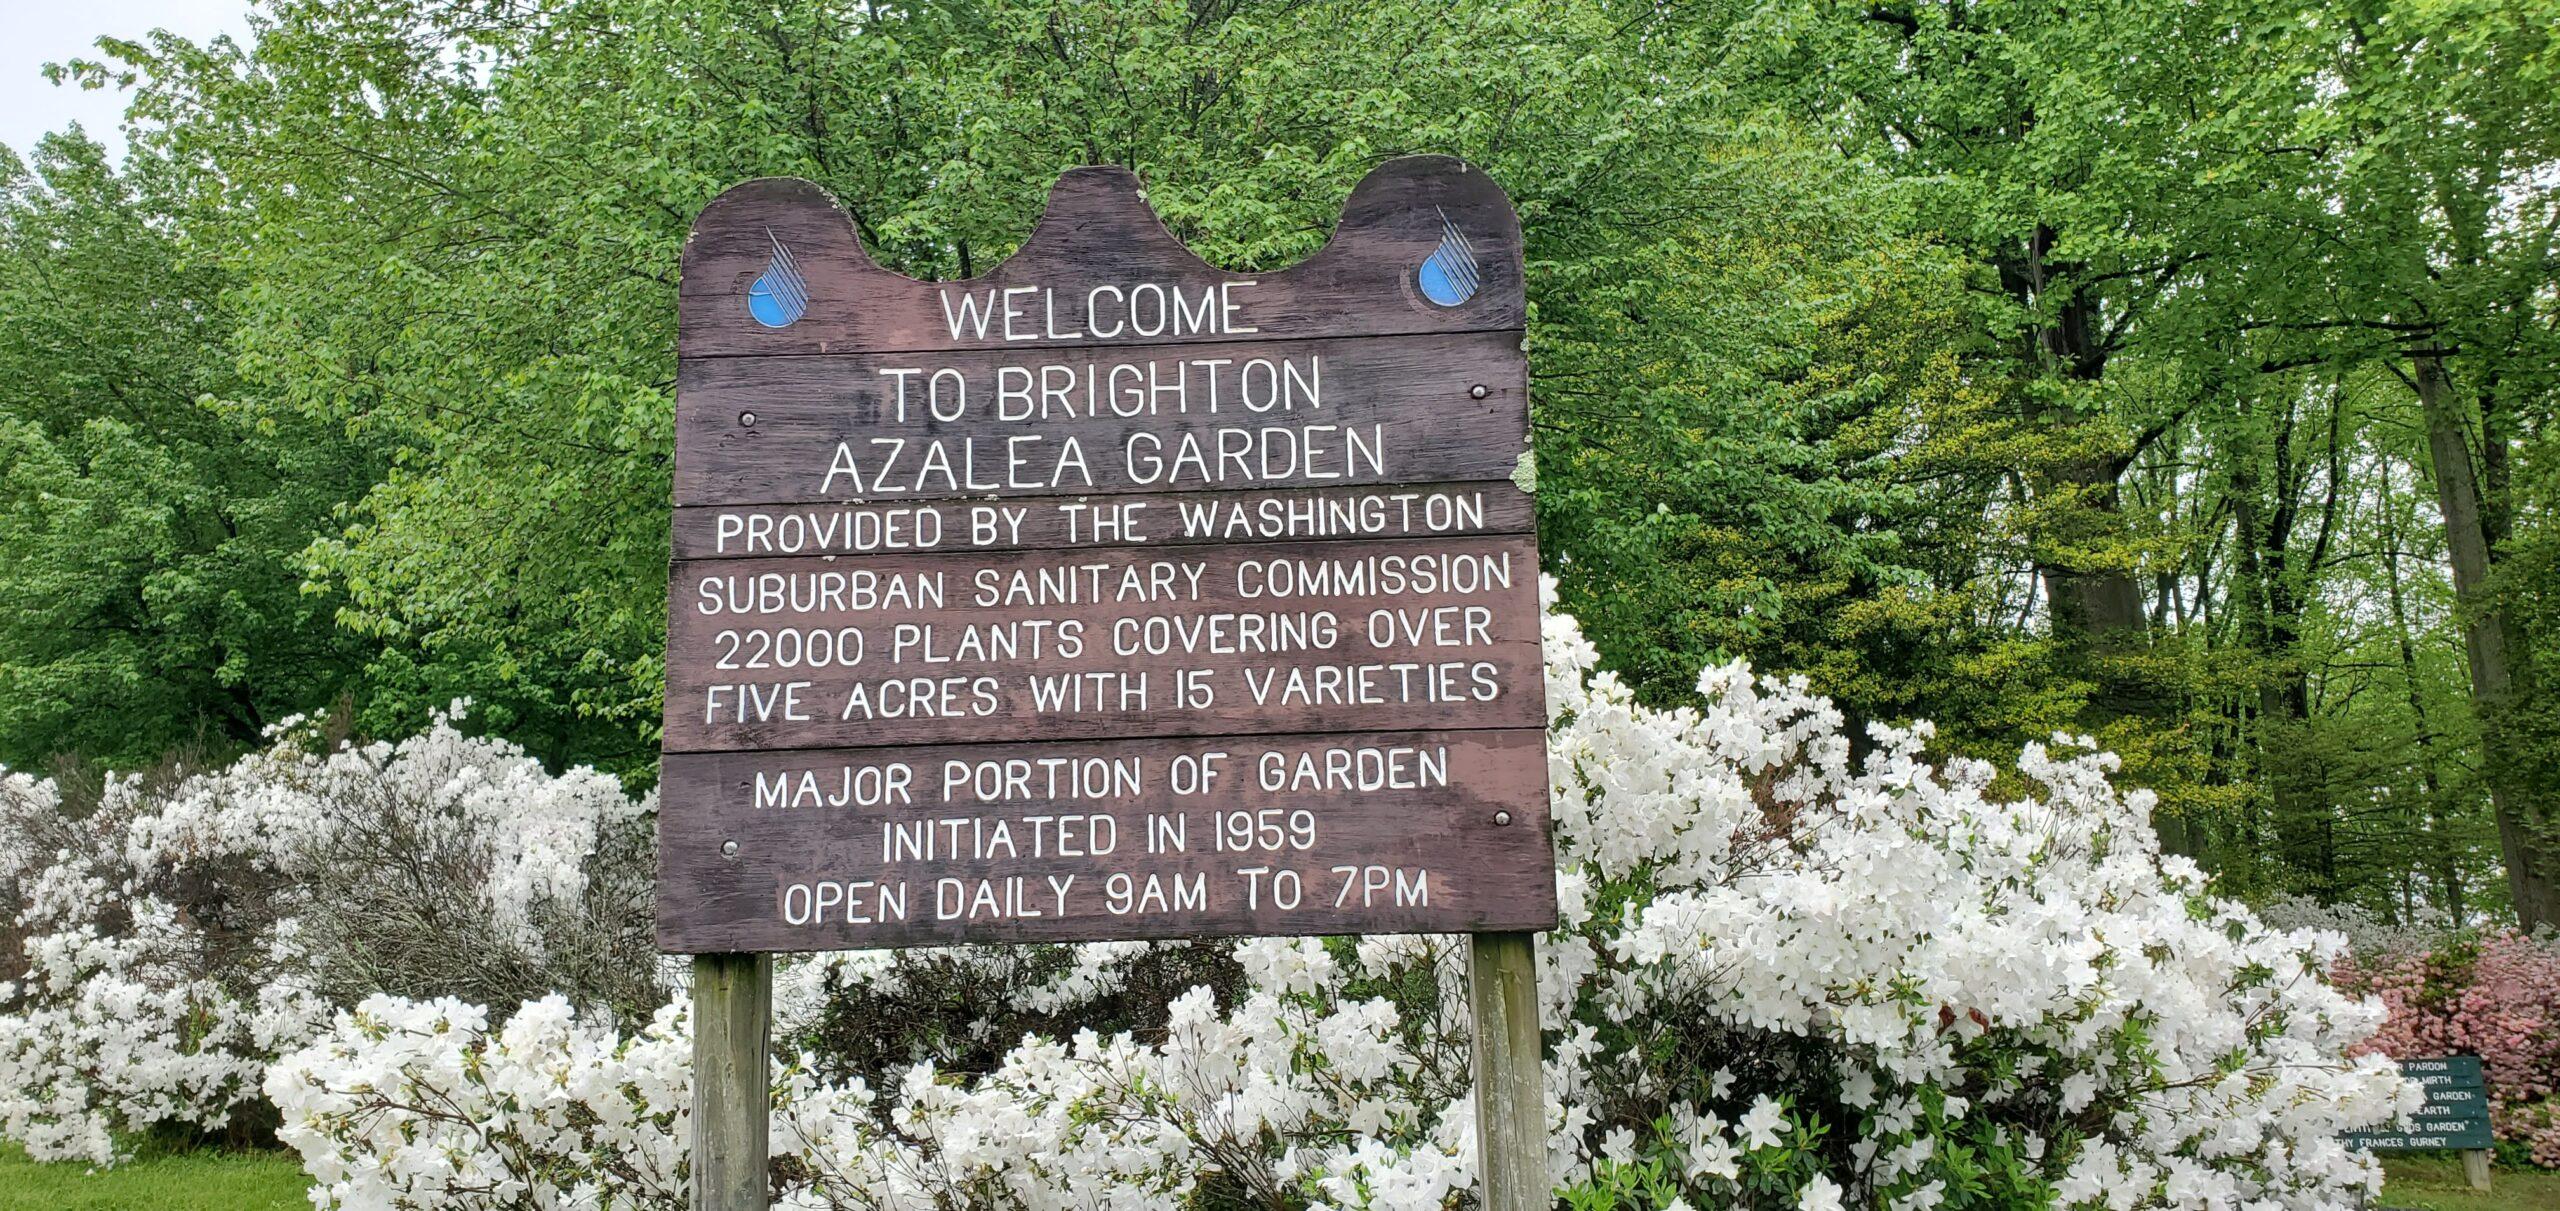 Brighton Dam's Azalea Garden Welcome Sign